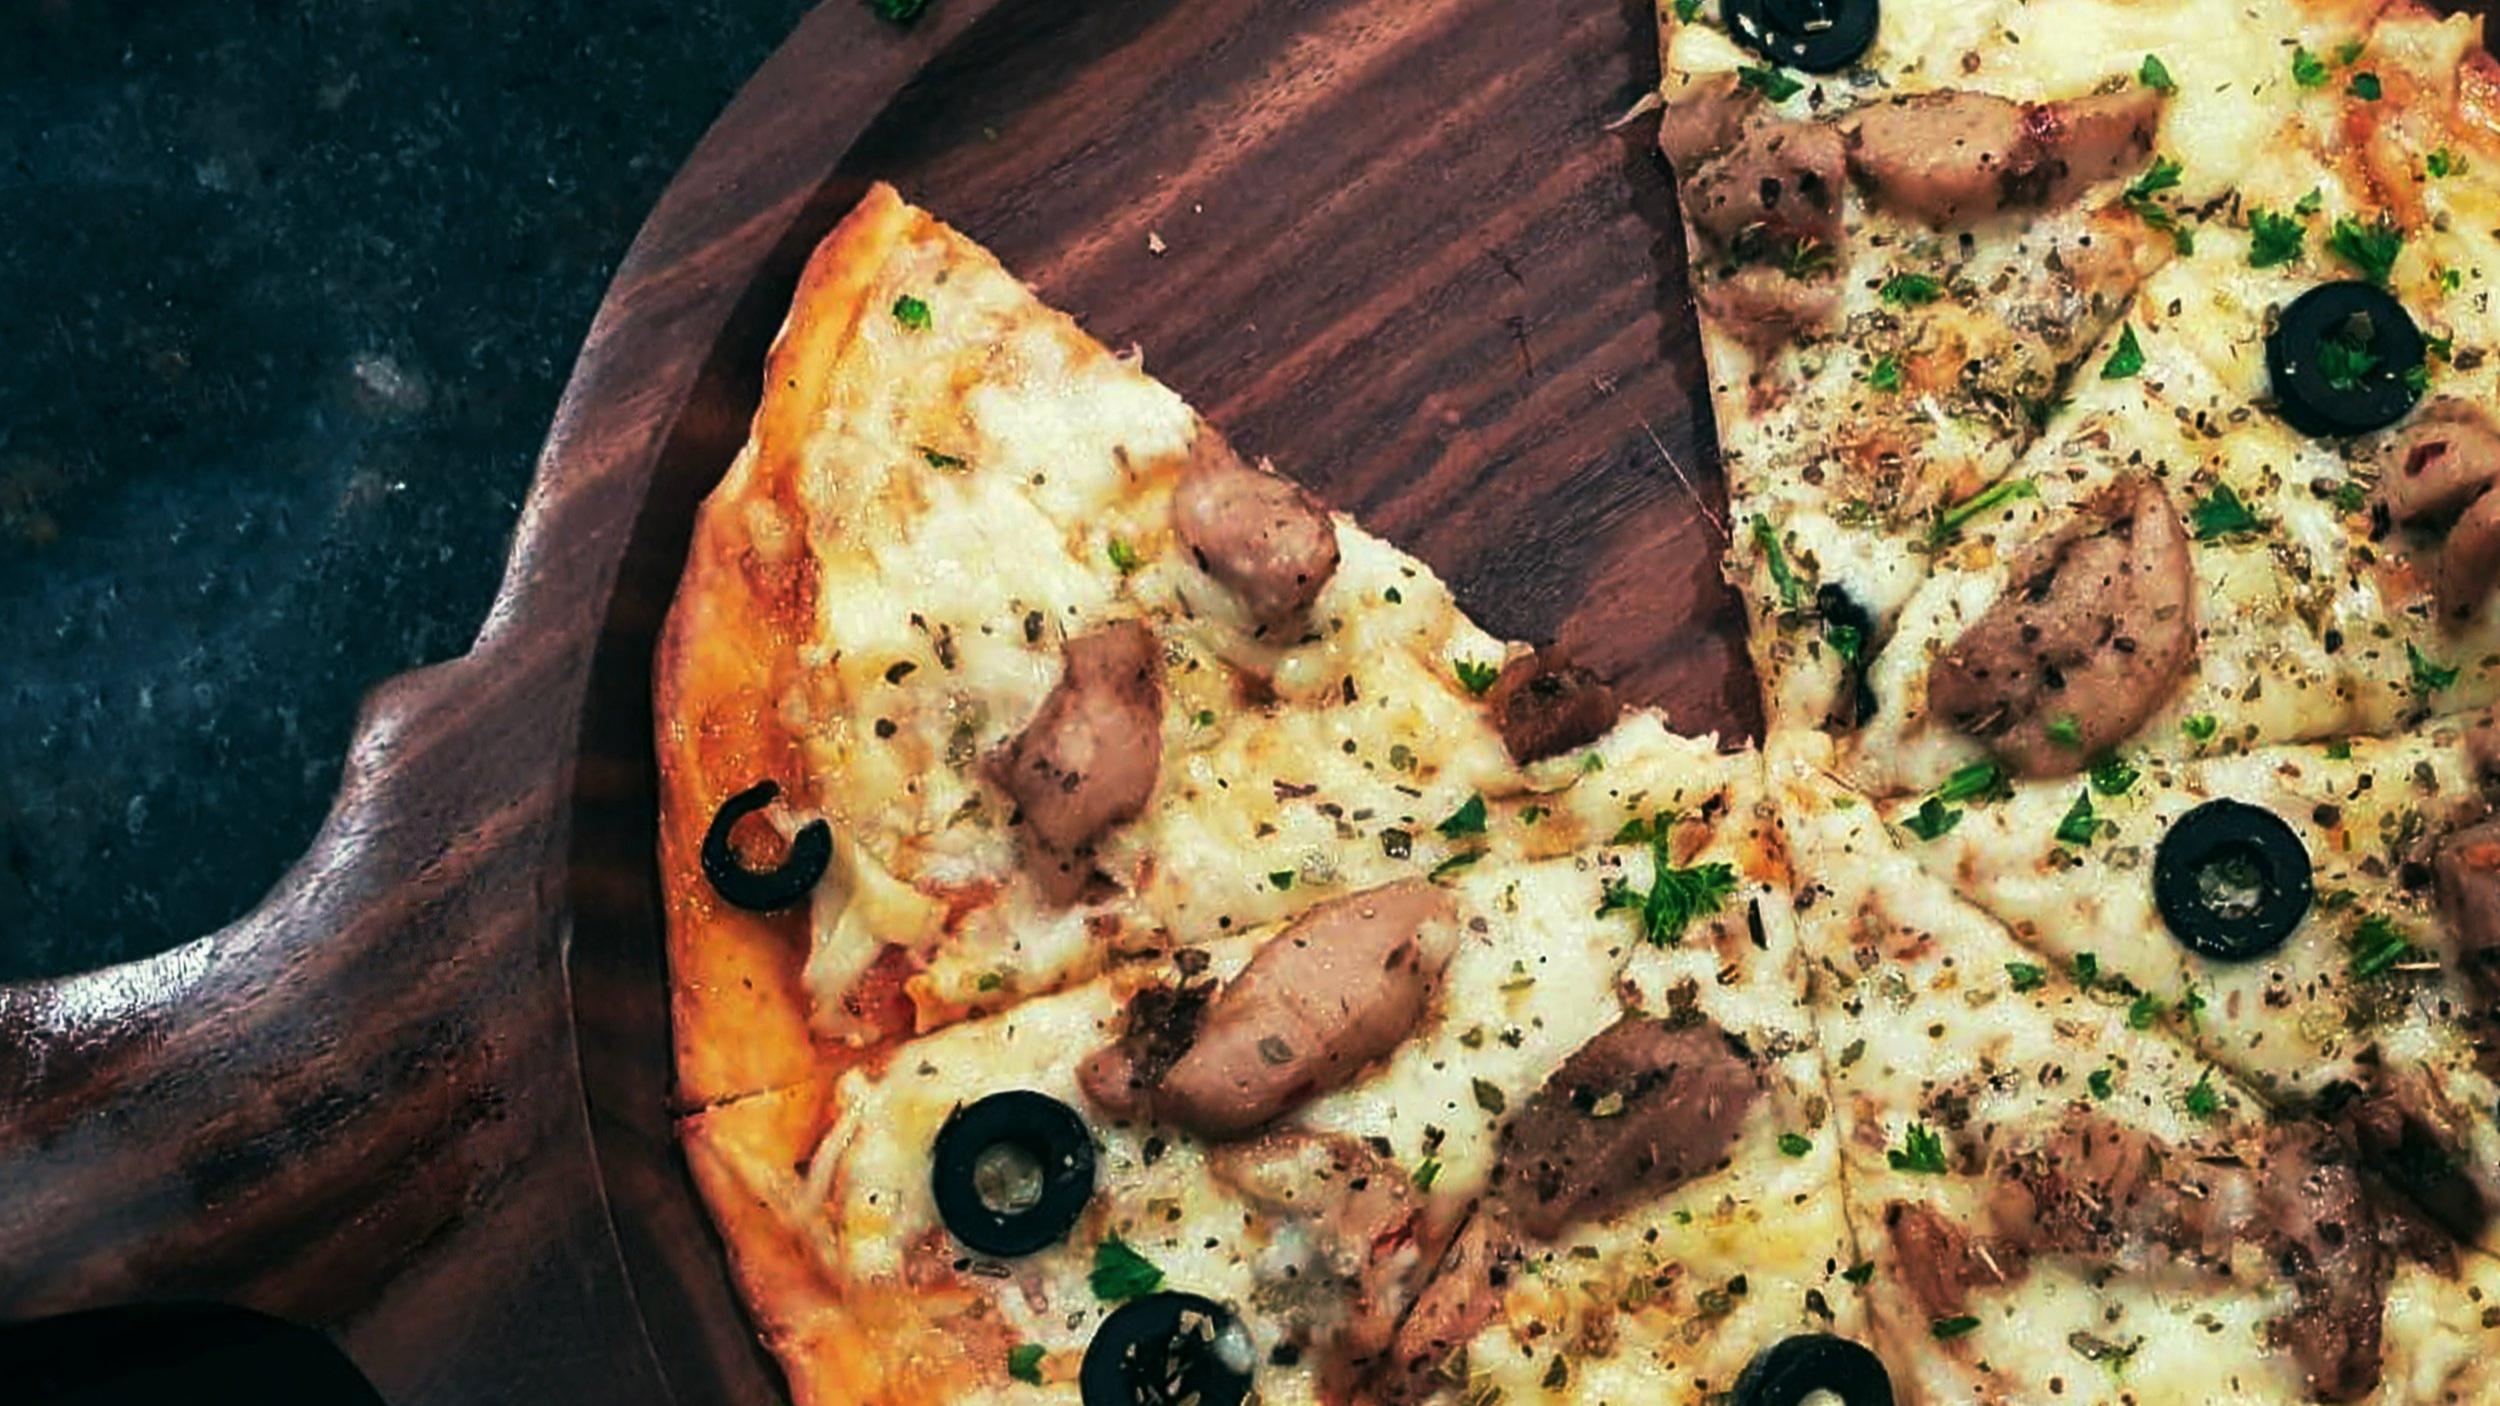 Ta med heim - Nå kan du ringe 57 62 32 00 og bestille vår populære pizza eller andre smårettar og ta med heim.Pizza er klar til avhenting hjå oss 20 minuttar etter bestilling.For bestilling ring 416 46 930